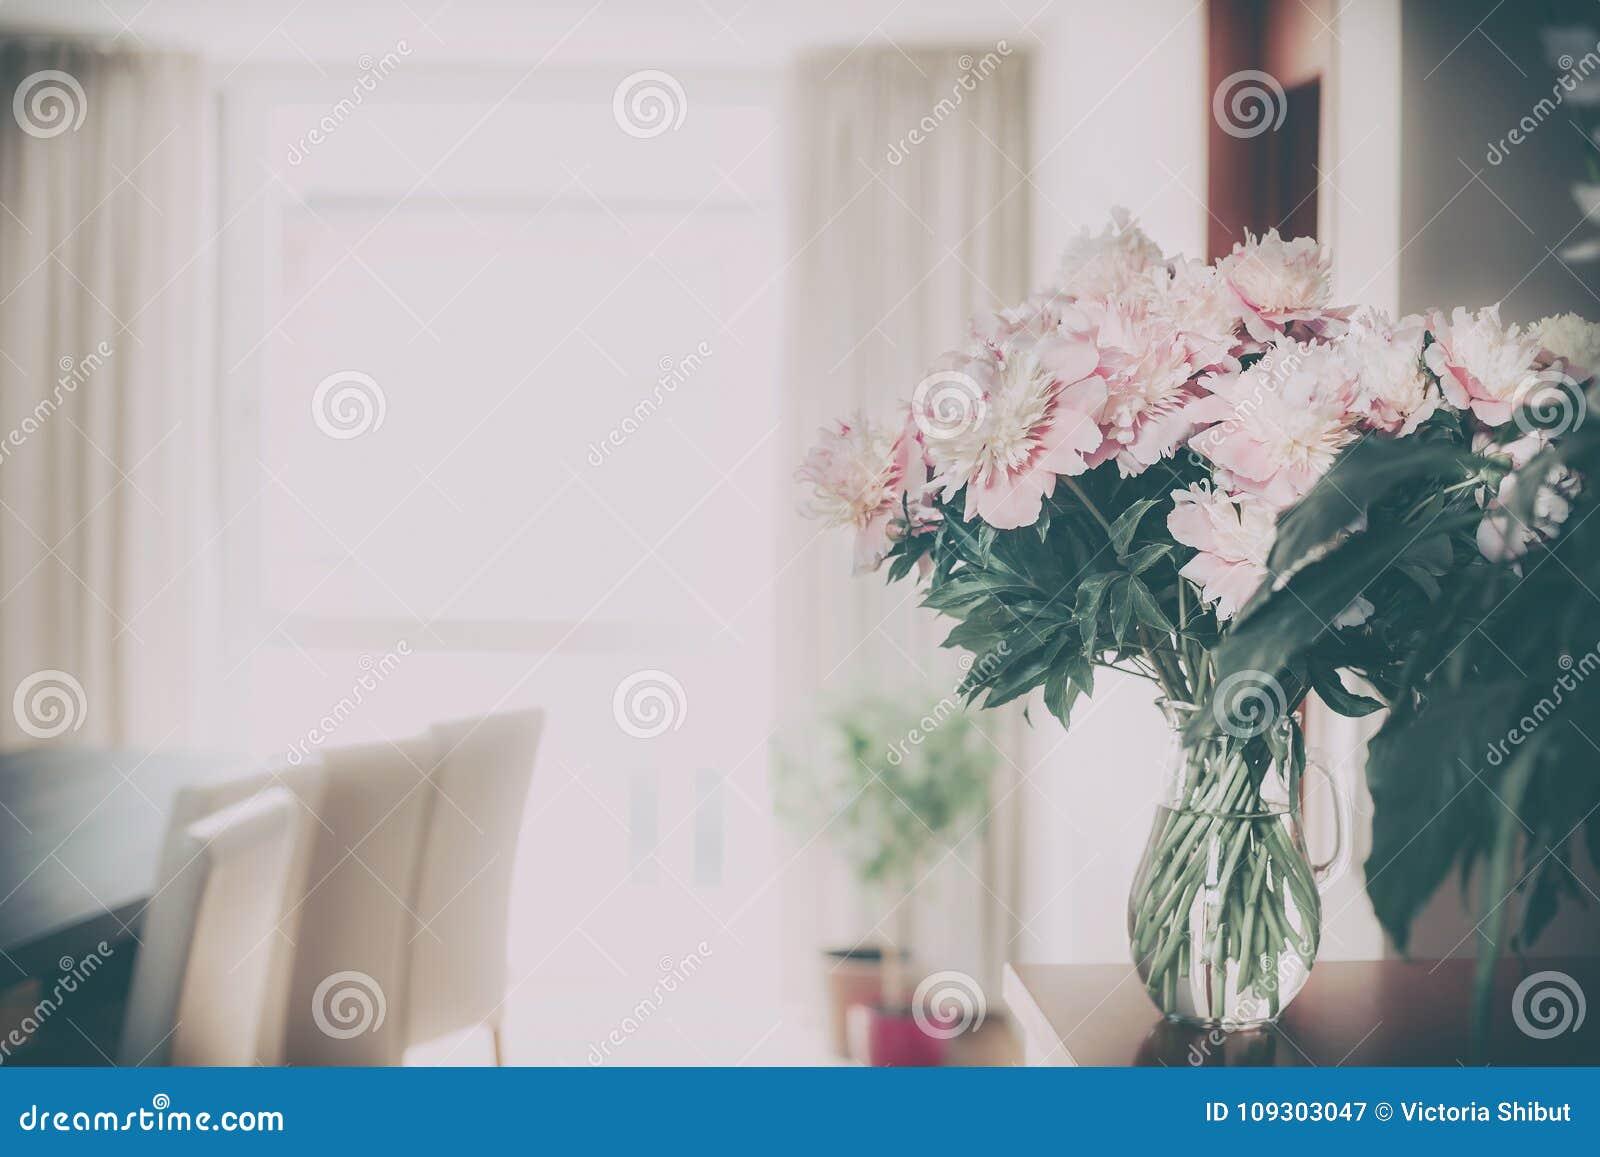 Decoração home com grupo cor-de-rosa fresco das peônias no vaso de vidro no fundo da sala de visitas, nostálgico retro